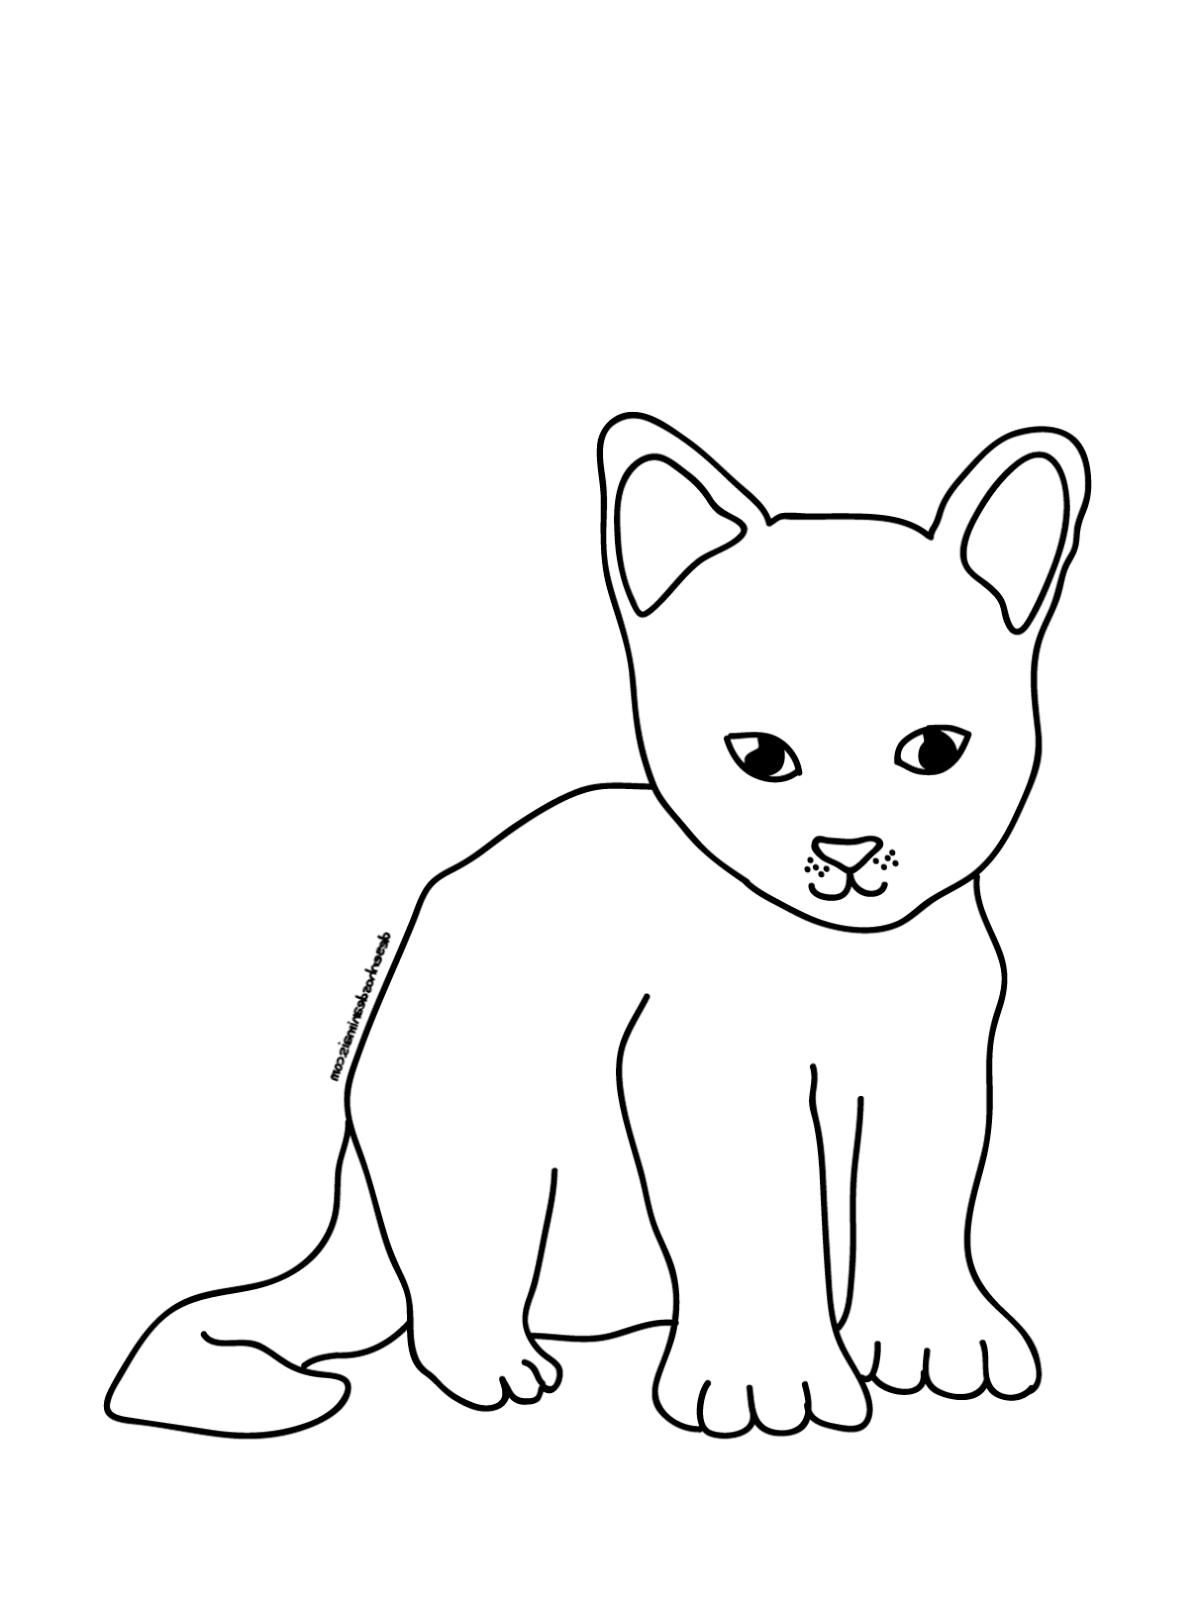 Bilder Zum Ausmalen Katze - KATZE zum Ausmalen Katze Bild zum Ausmalen